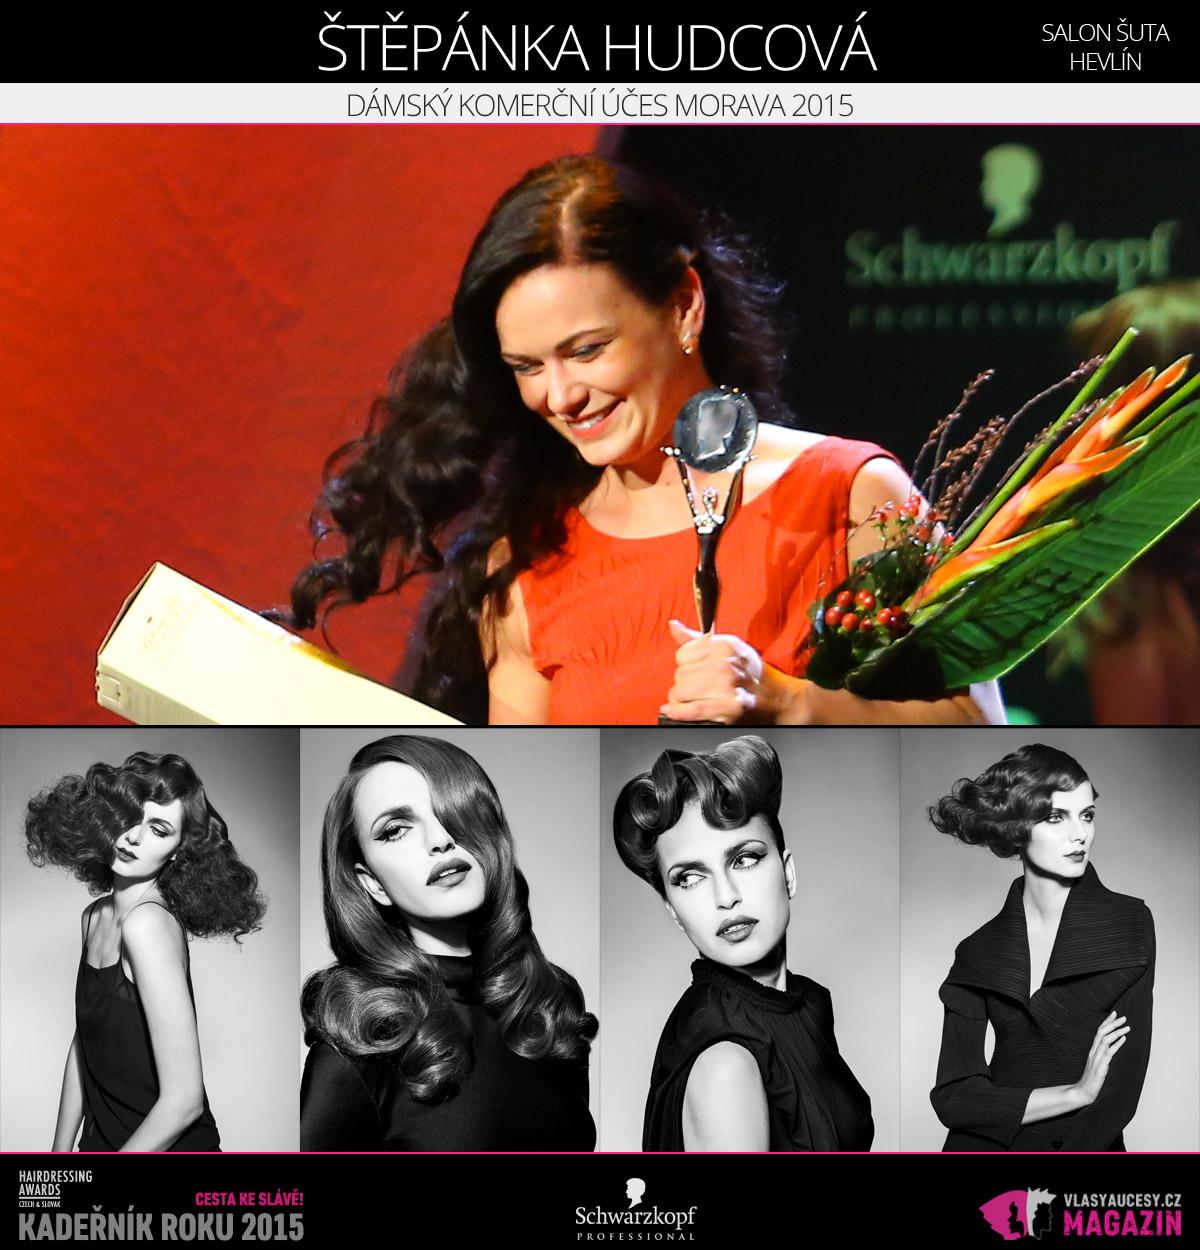 Vítězem v kategorii Dámský komerční účes Morava Czech and Slovak Hairdressing Awards 2015 je Štěpánka Hudcová ze Salonu ŠUTA v Hevlíně.